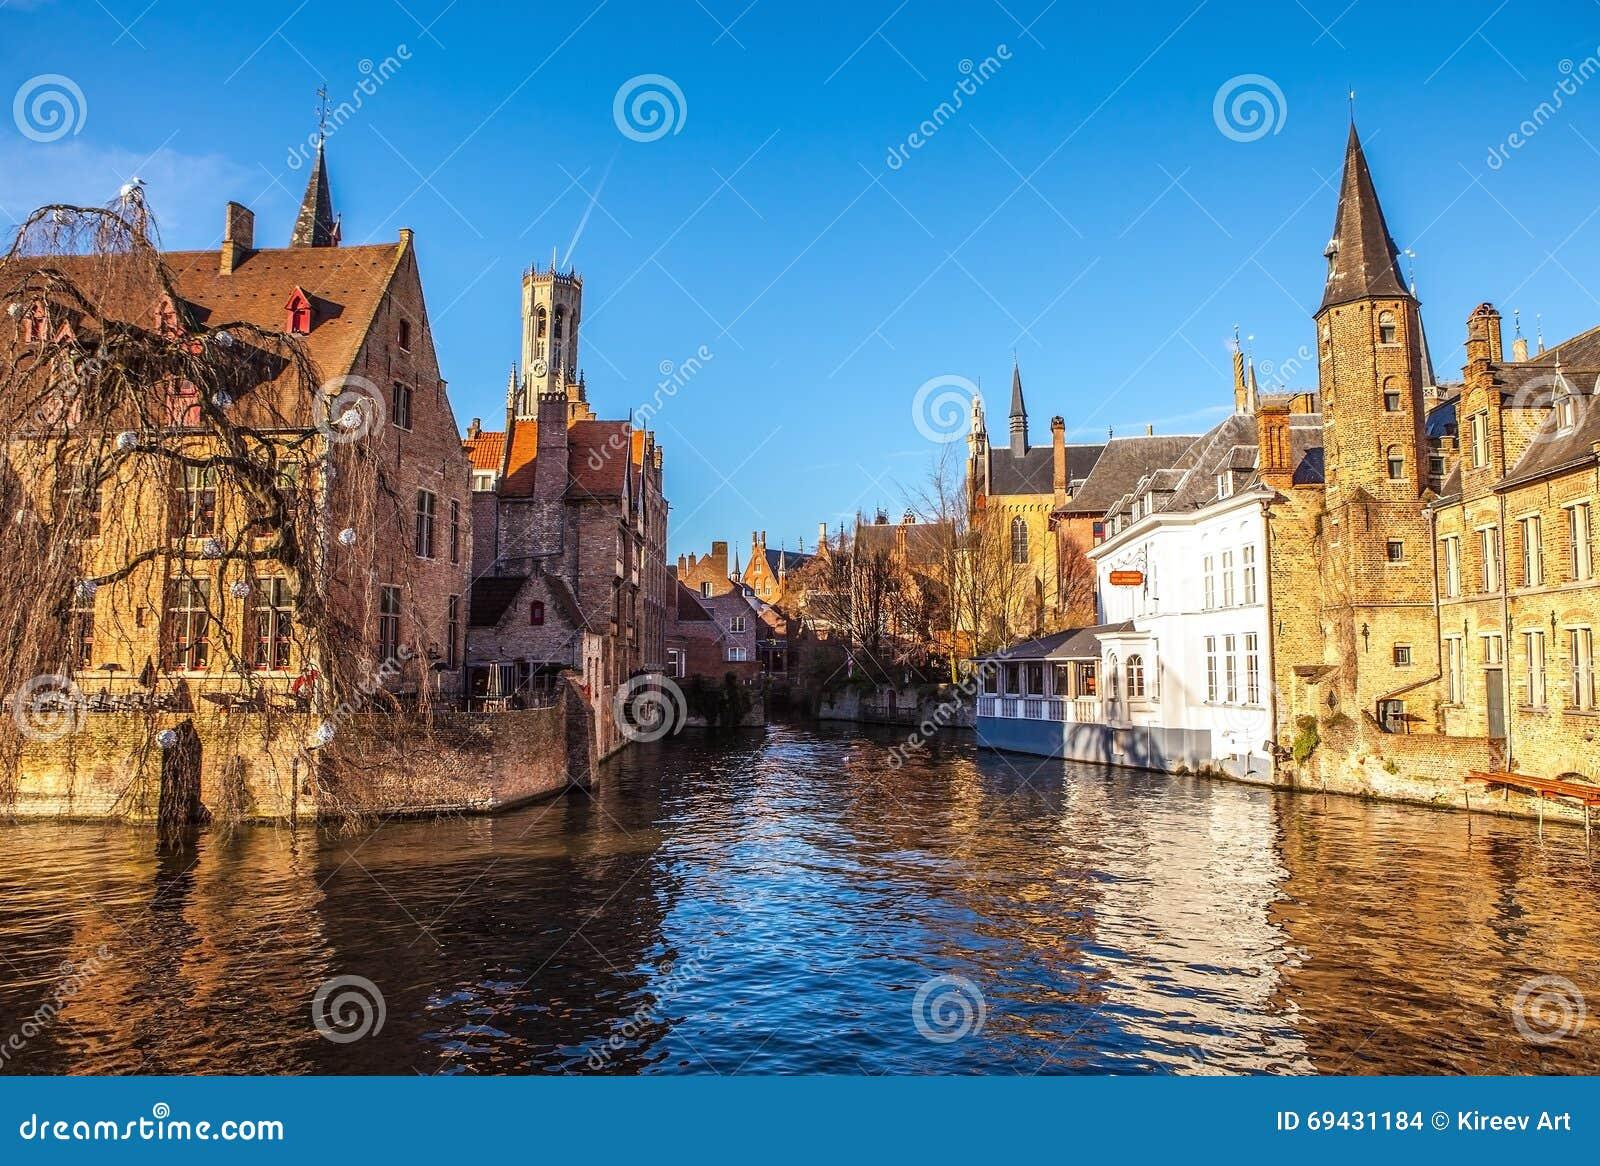 Βέλγιο Μπρυζ Εικόνα με Rozenhoedkaai στο Μπρυζ, κανάλι ποταμών Dijver και το Μπέλφορτ & x28 Belfry& x29  πύργος